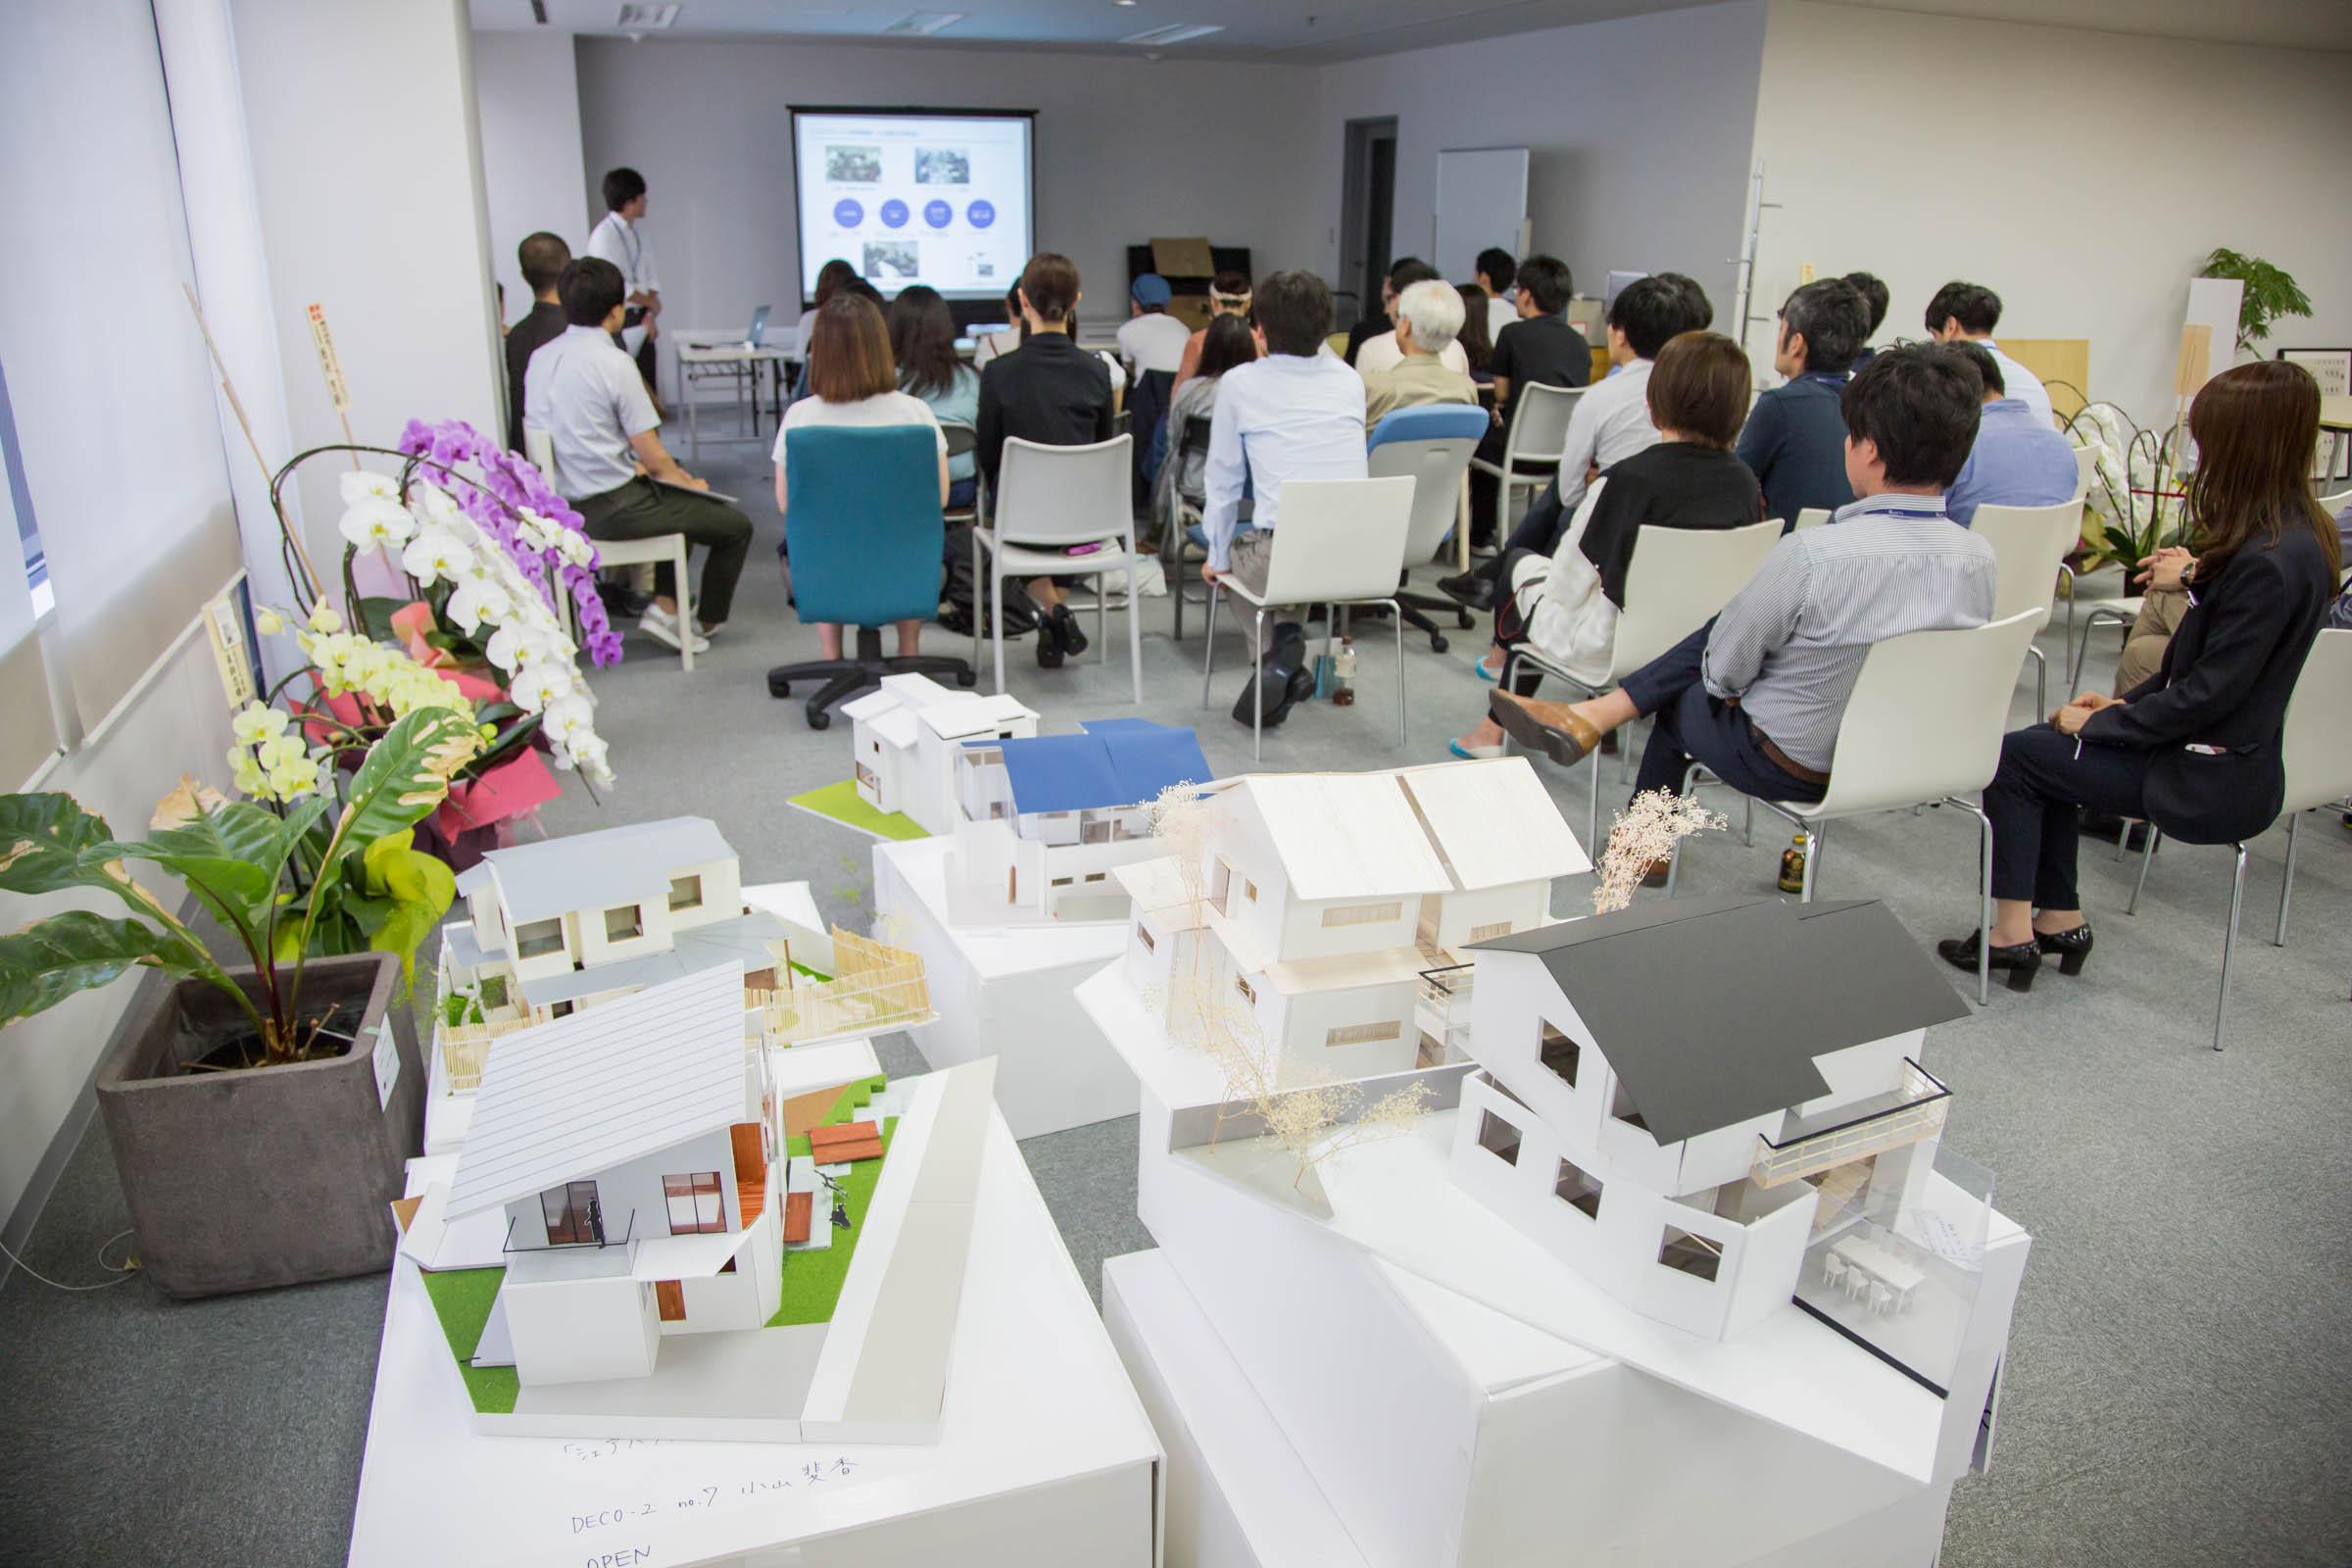 株式会社リビタ×ICSカレッジオブアーツ 特別授業!